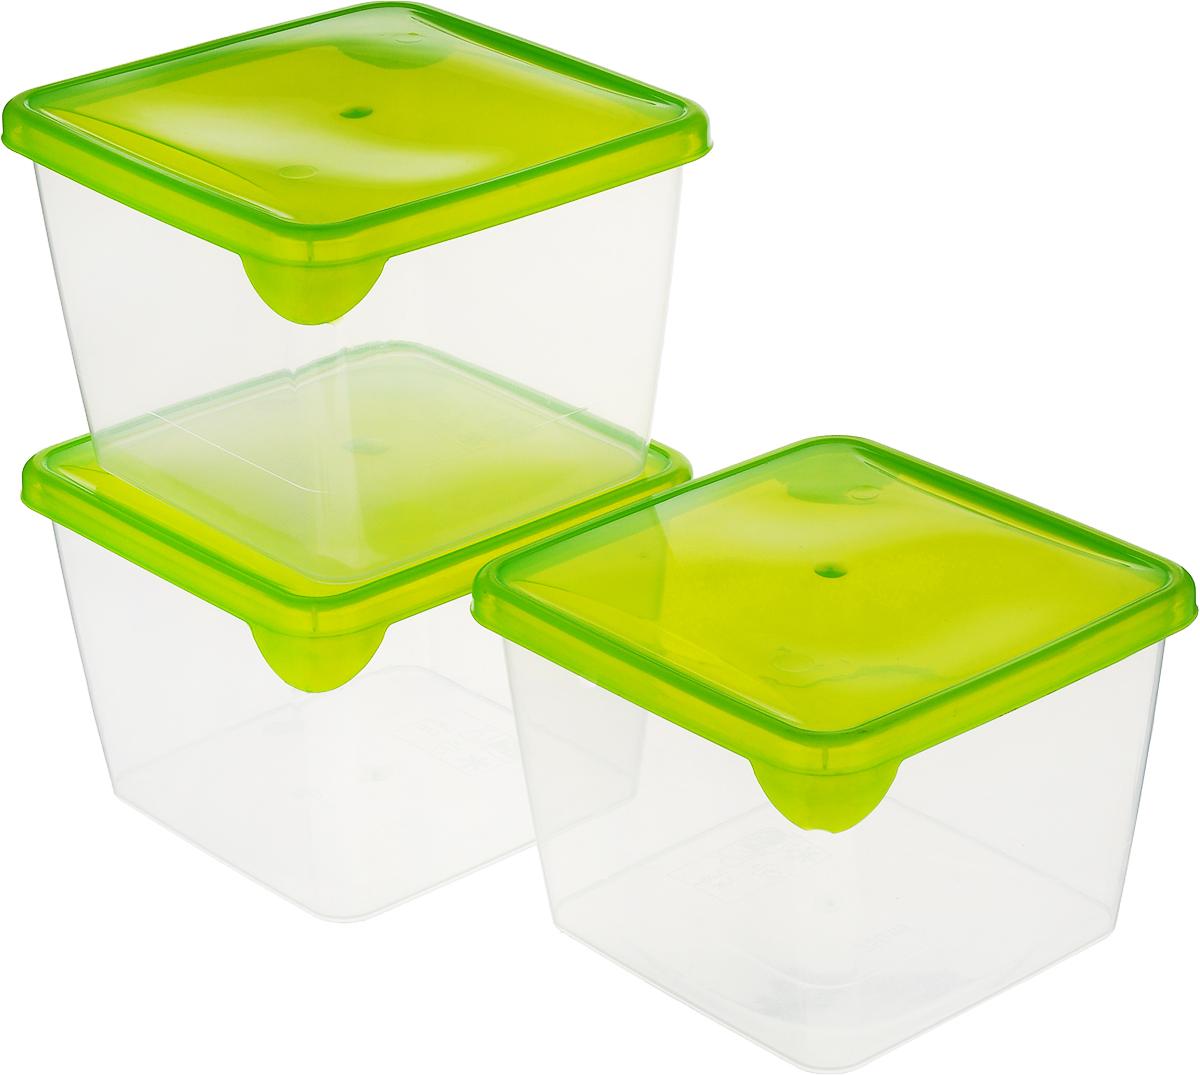 """Комплект емкостей для продуктов Giaretti """"Браво"""", цвет: прозрачный, салатовый, 750 мл, 3 шт"""